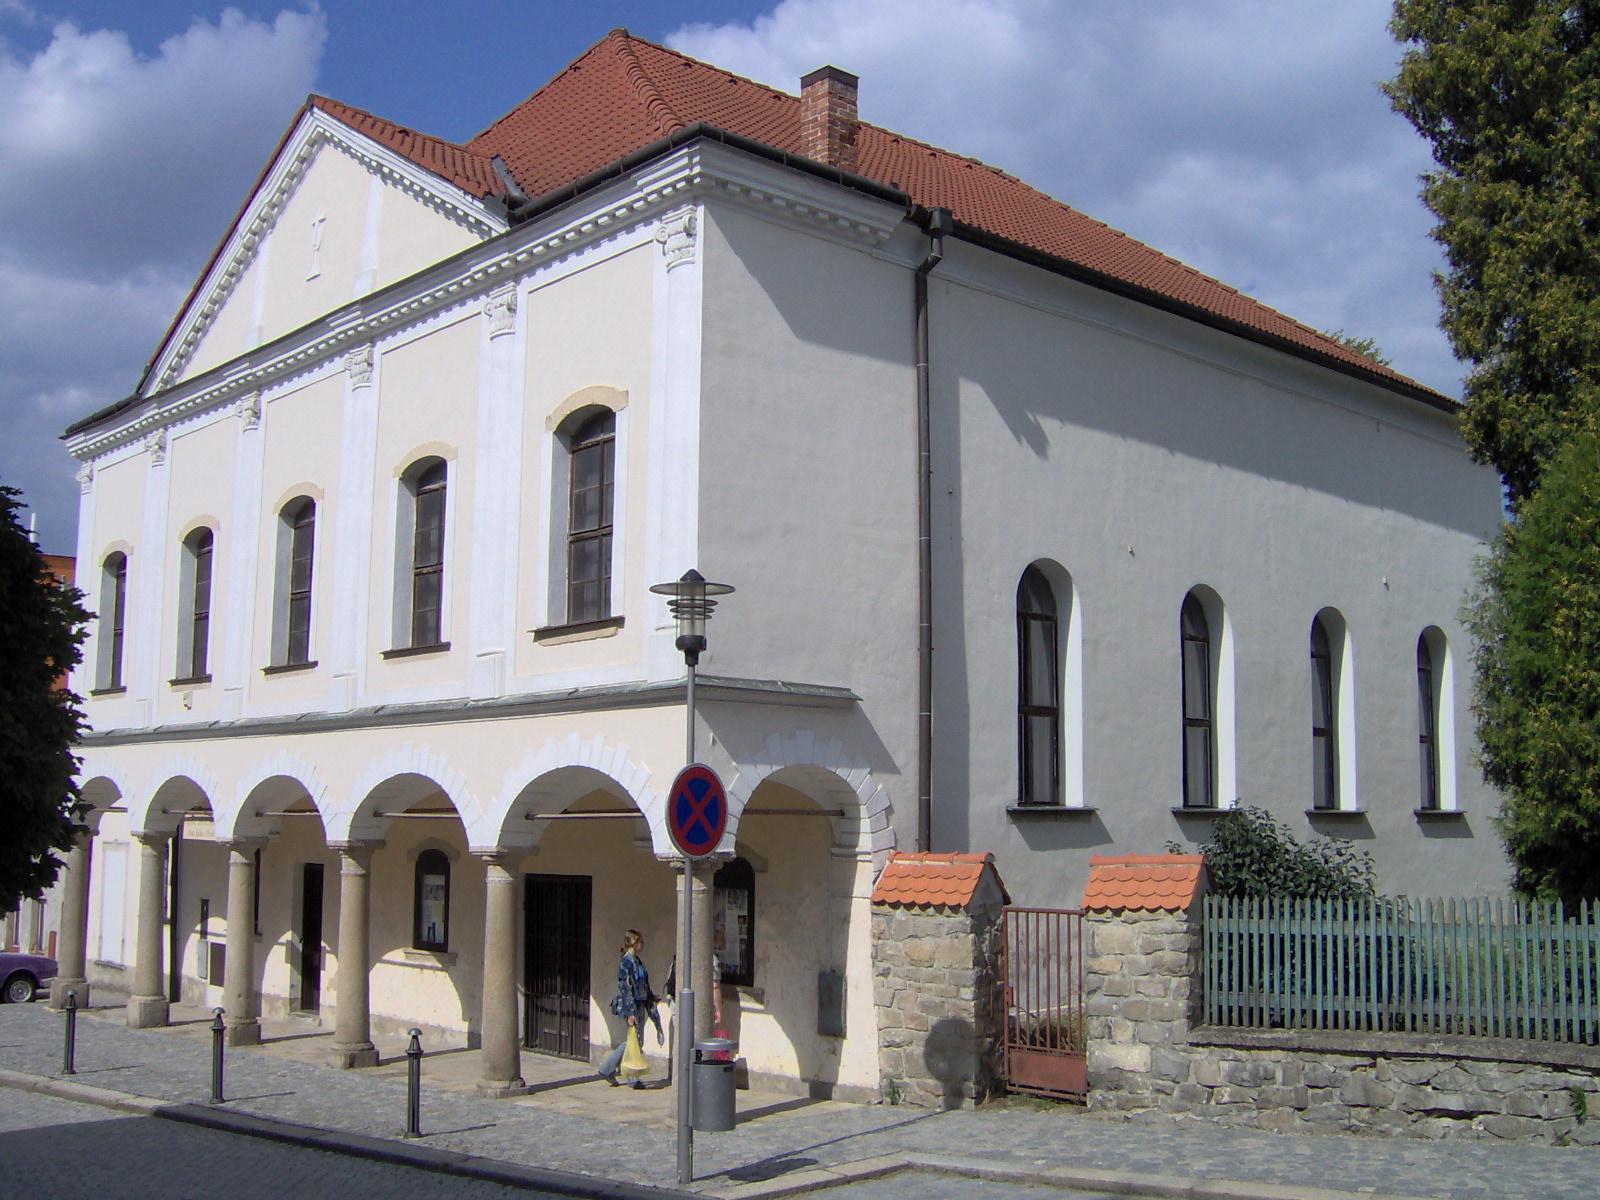 Städtebauliche Denkmalschutzzone Třešť (Triesch)